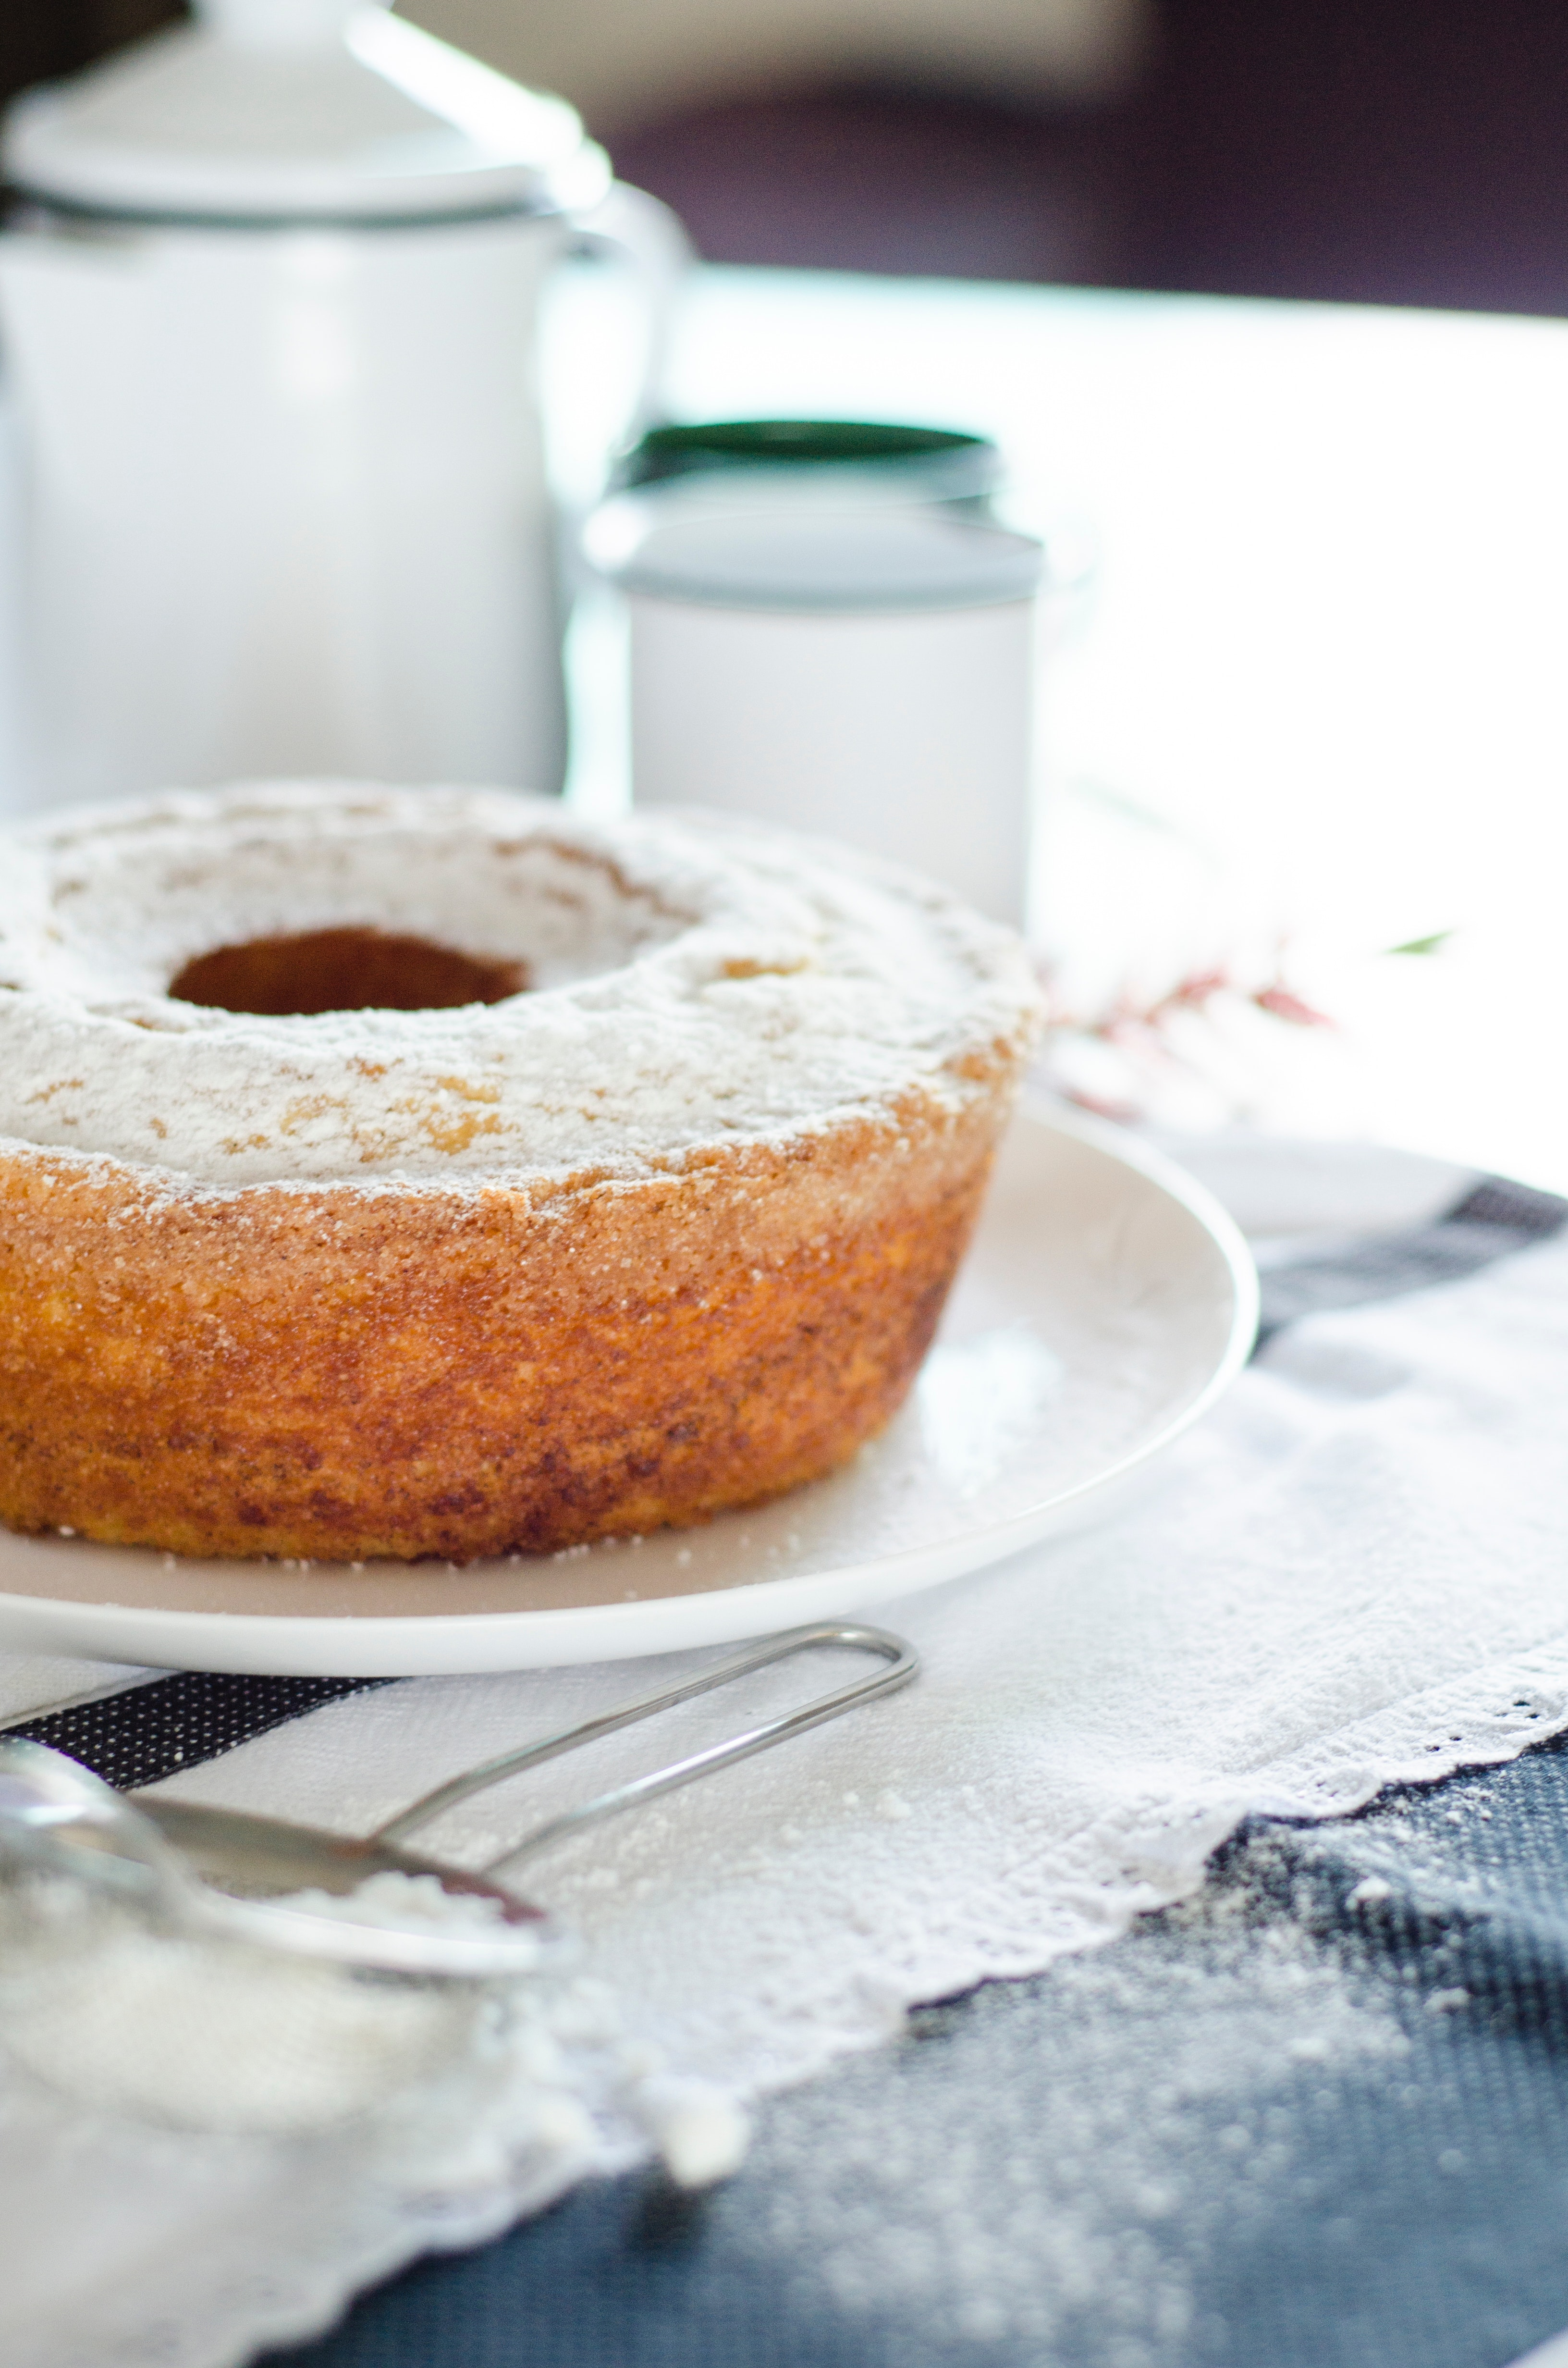 Donut on White Ceramic Plate, Bakery, Bread, Breakfast, Cake, HQ Photo